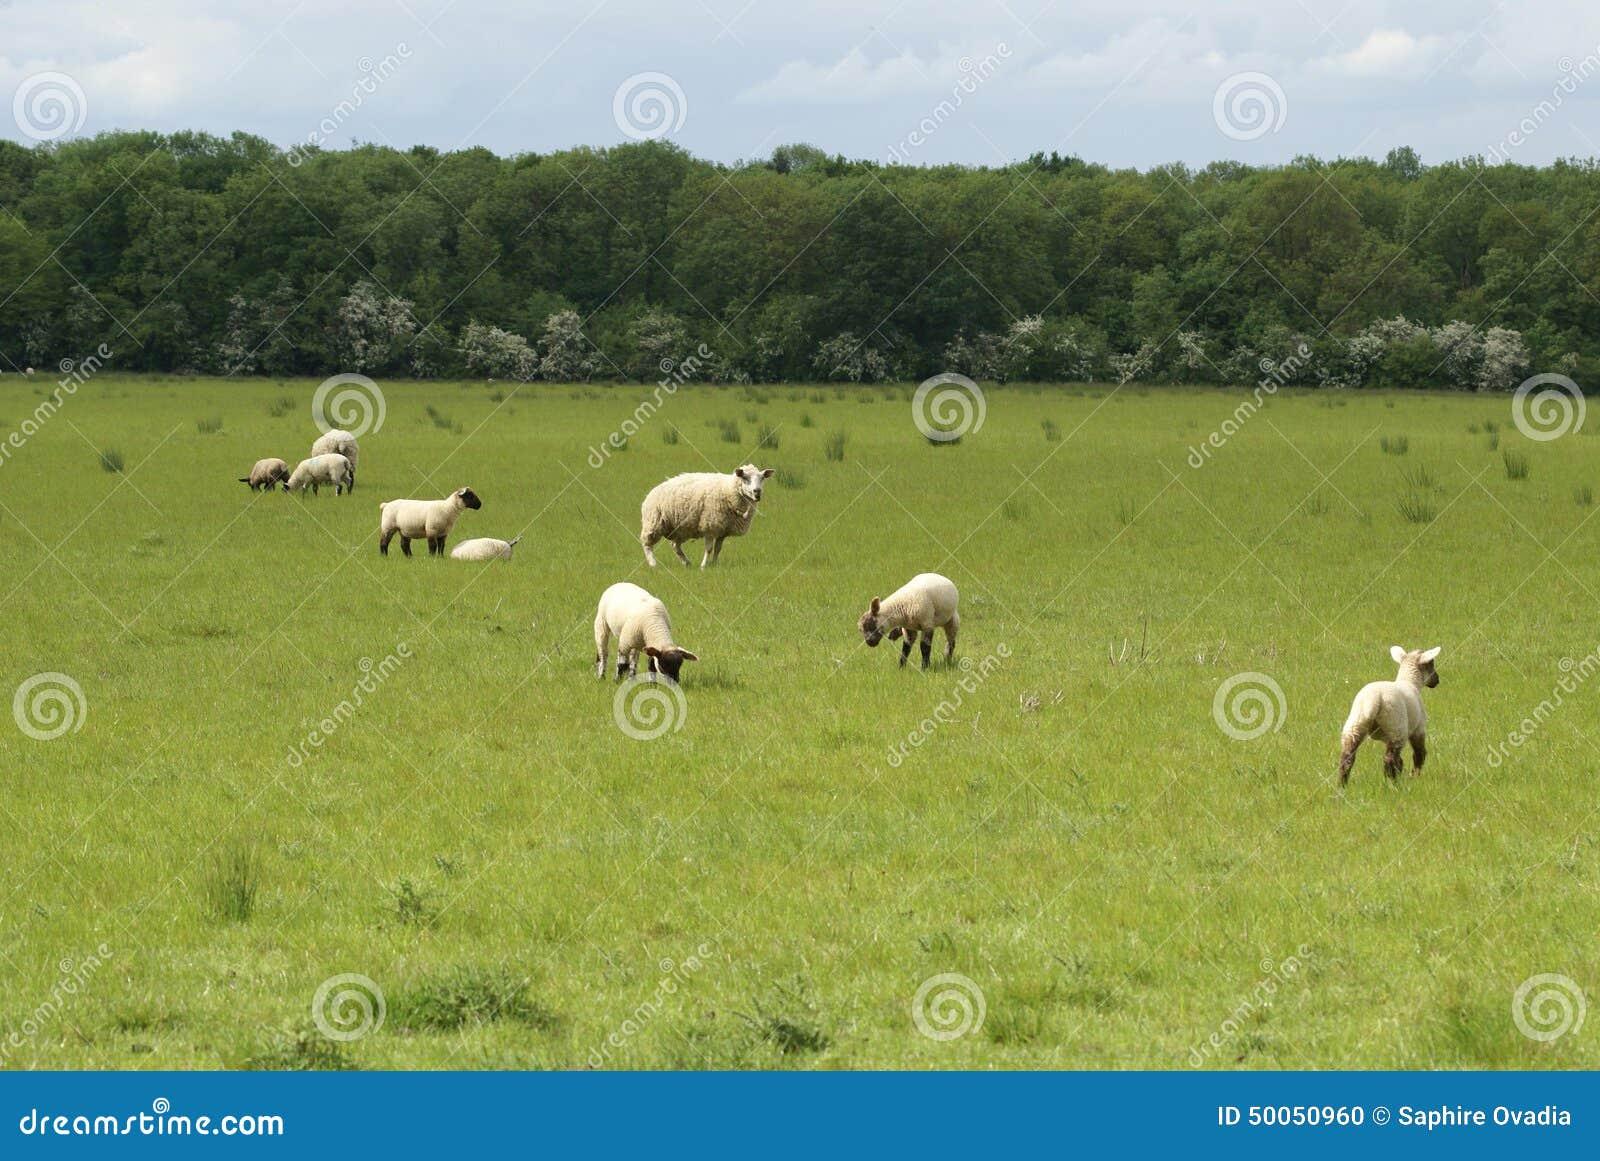 Lämmer und Mutterschaf auf einem Gebiet im Frühjahr Schafe in der Landschaft